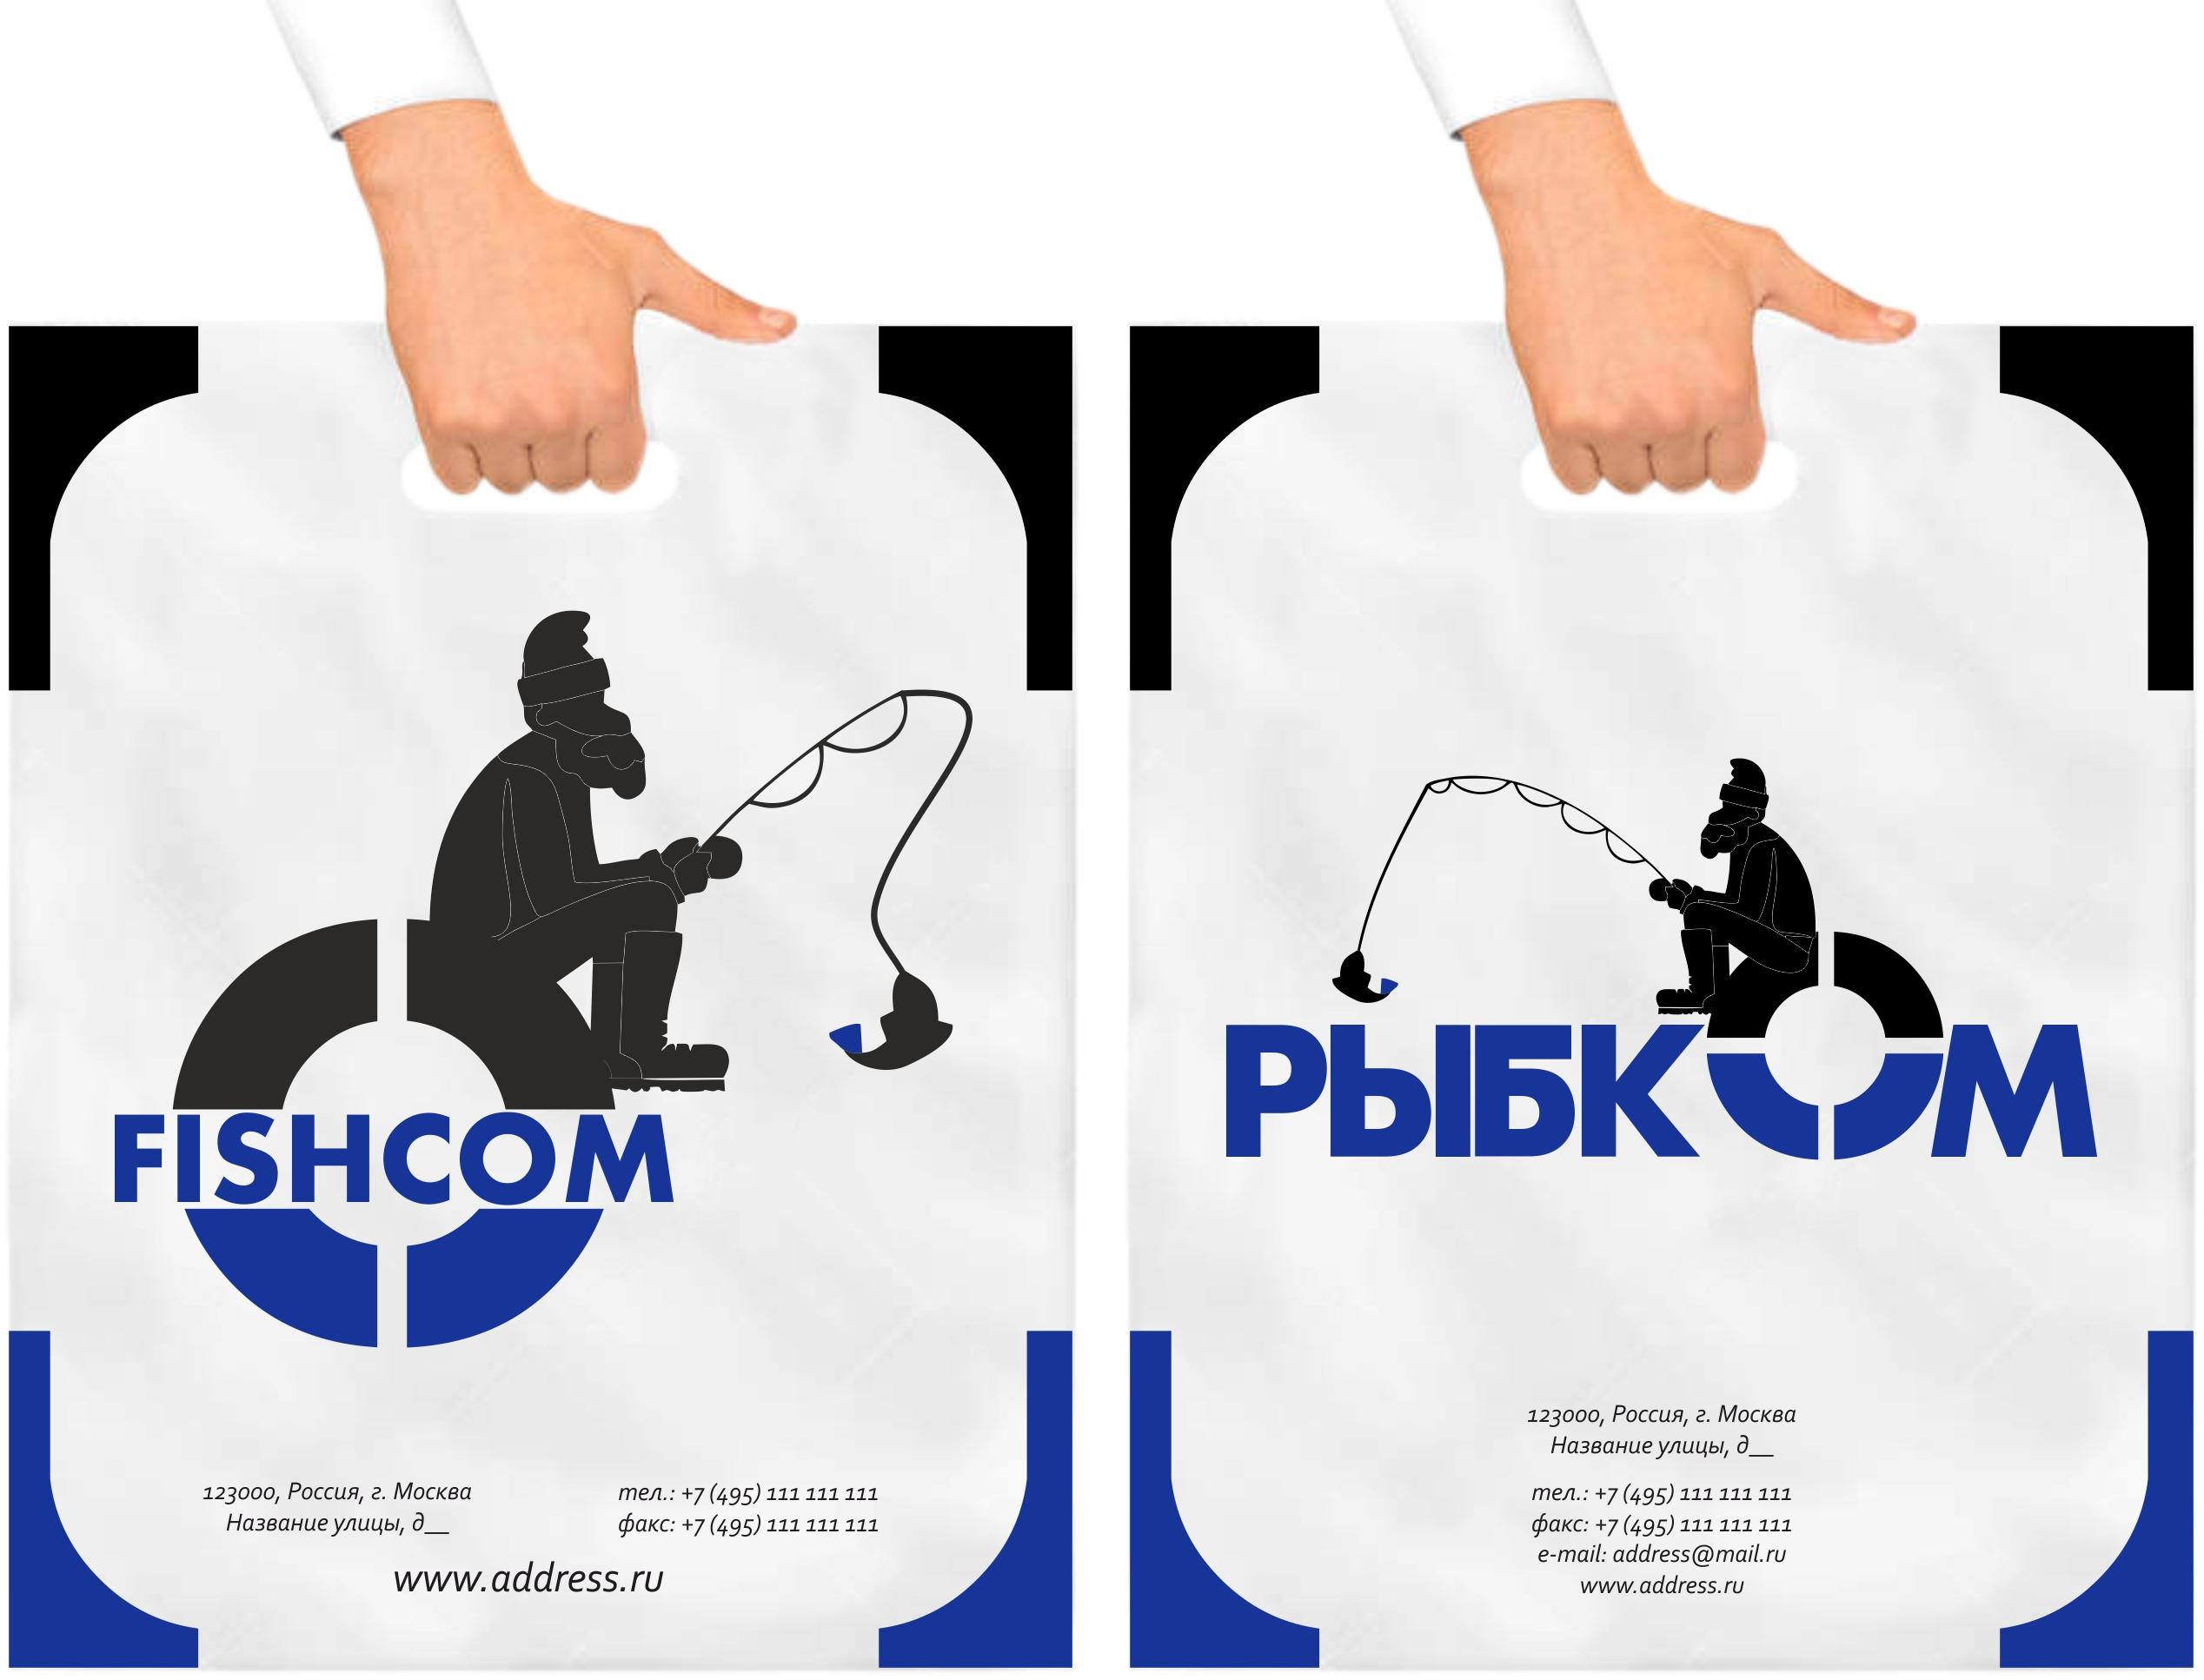 Создание логотипа и брэндбука для компании РЫБКОМ фото f_2565c19db38321e4.jpg